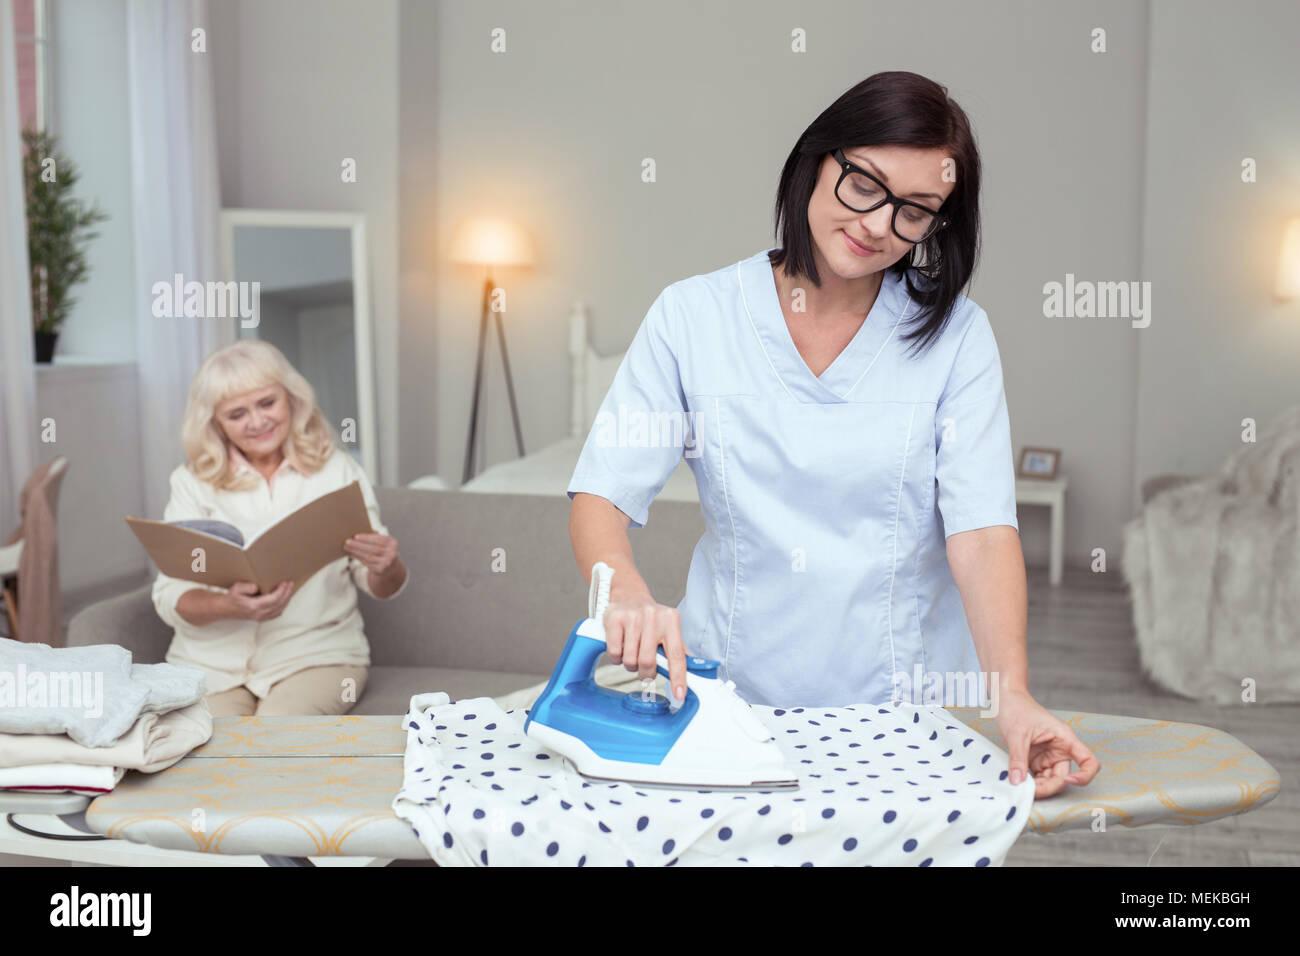 Reflective female caregiver helping with ironing - Stock Image